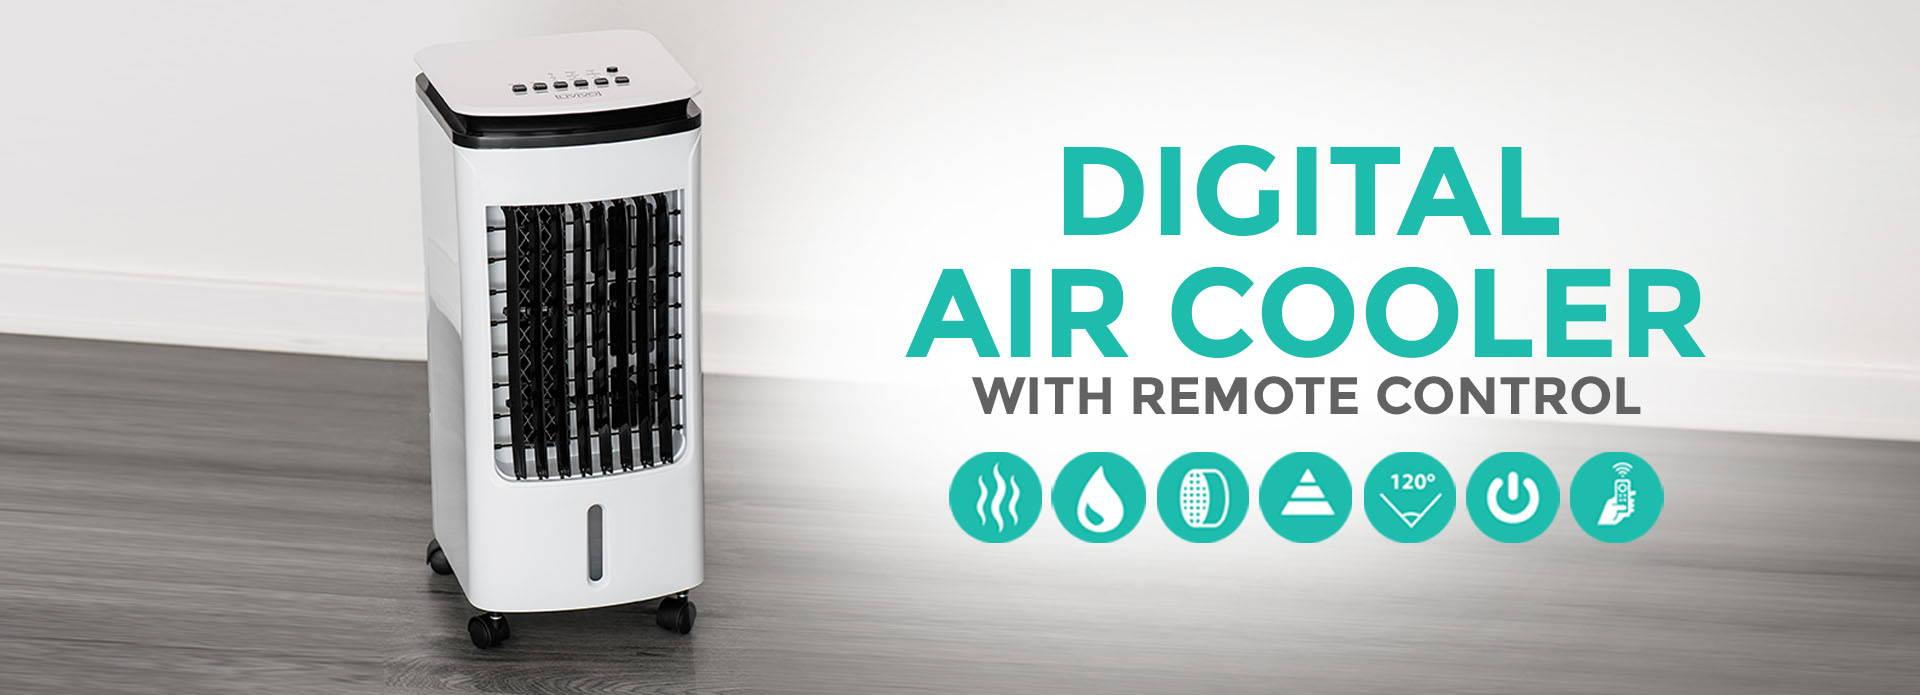 Digital Air Cooler